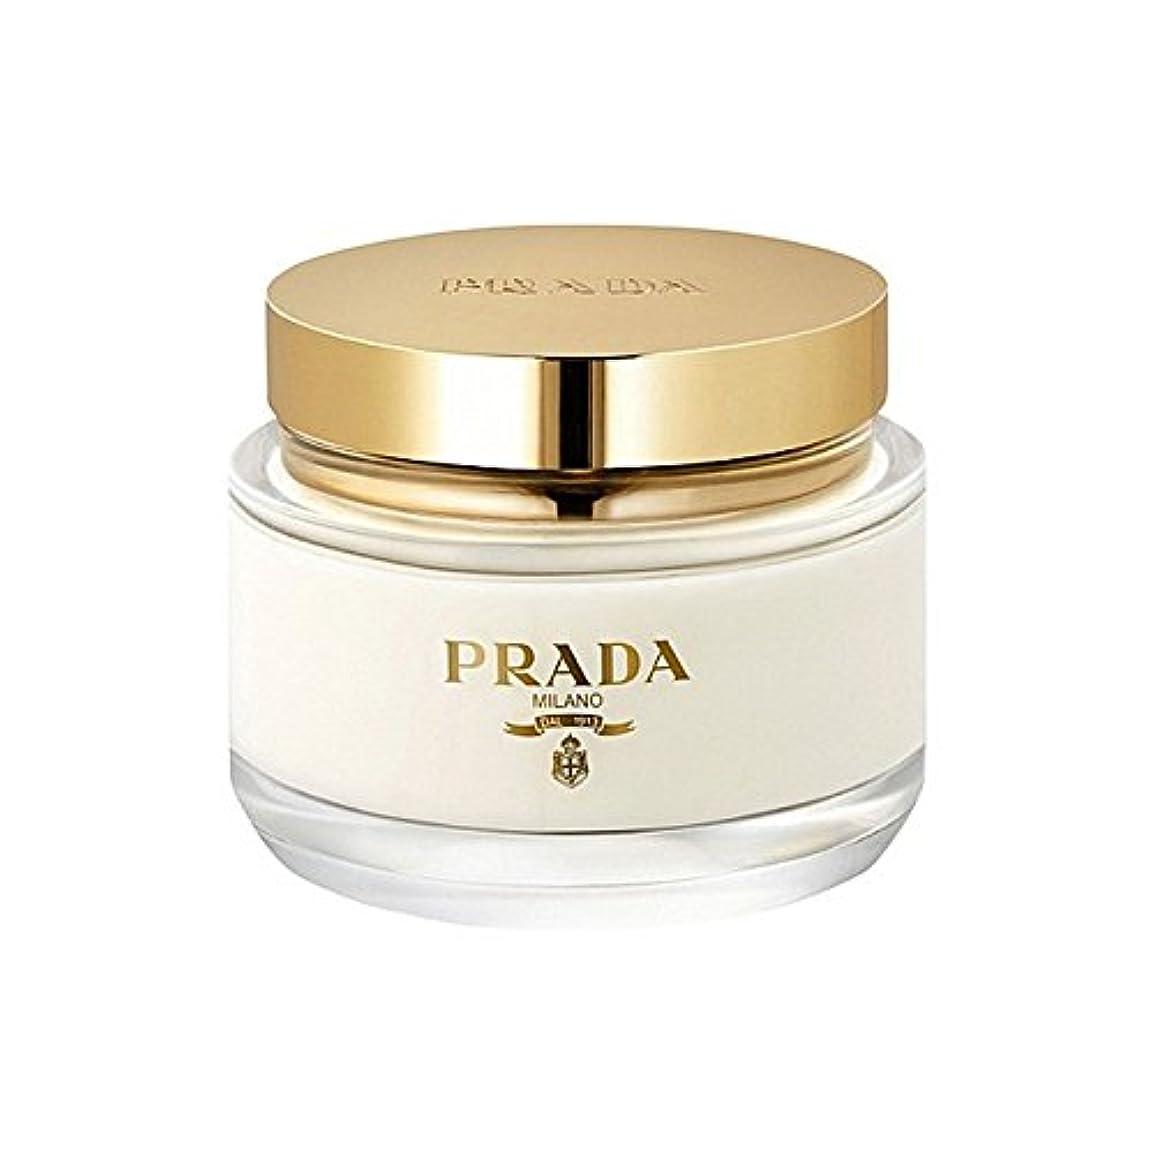 マルクス主義者インシュレータランドリープラダラファムボディクリーム200ミリリットル x4 - Prada La Femme Body Cream 200ml (Pack of 4) [並行輸入品]